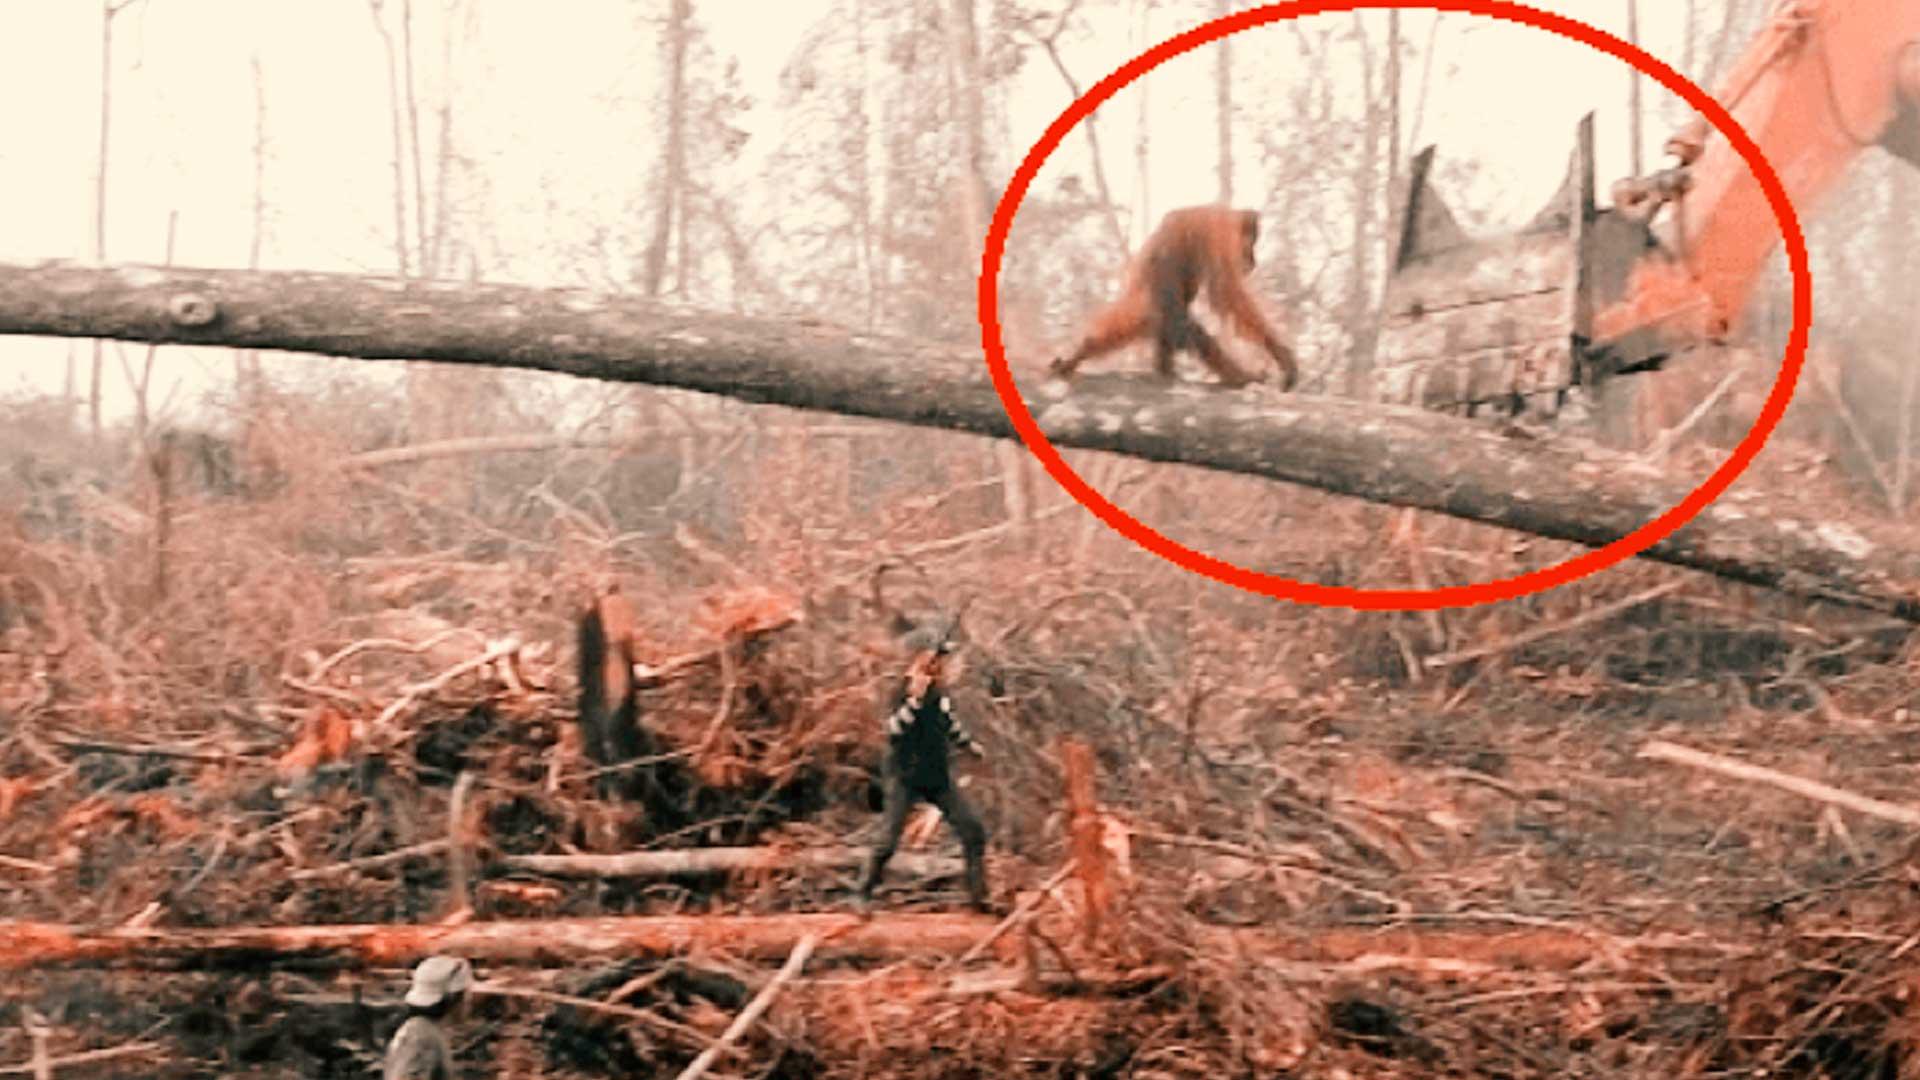 Orangután se enfrenta a excavadora que destruye su hábitat en Indonesia